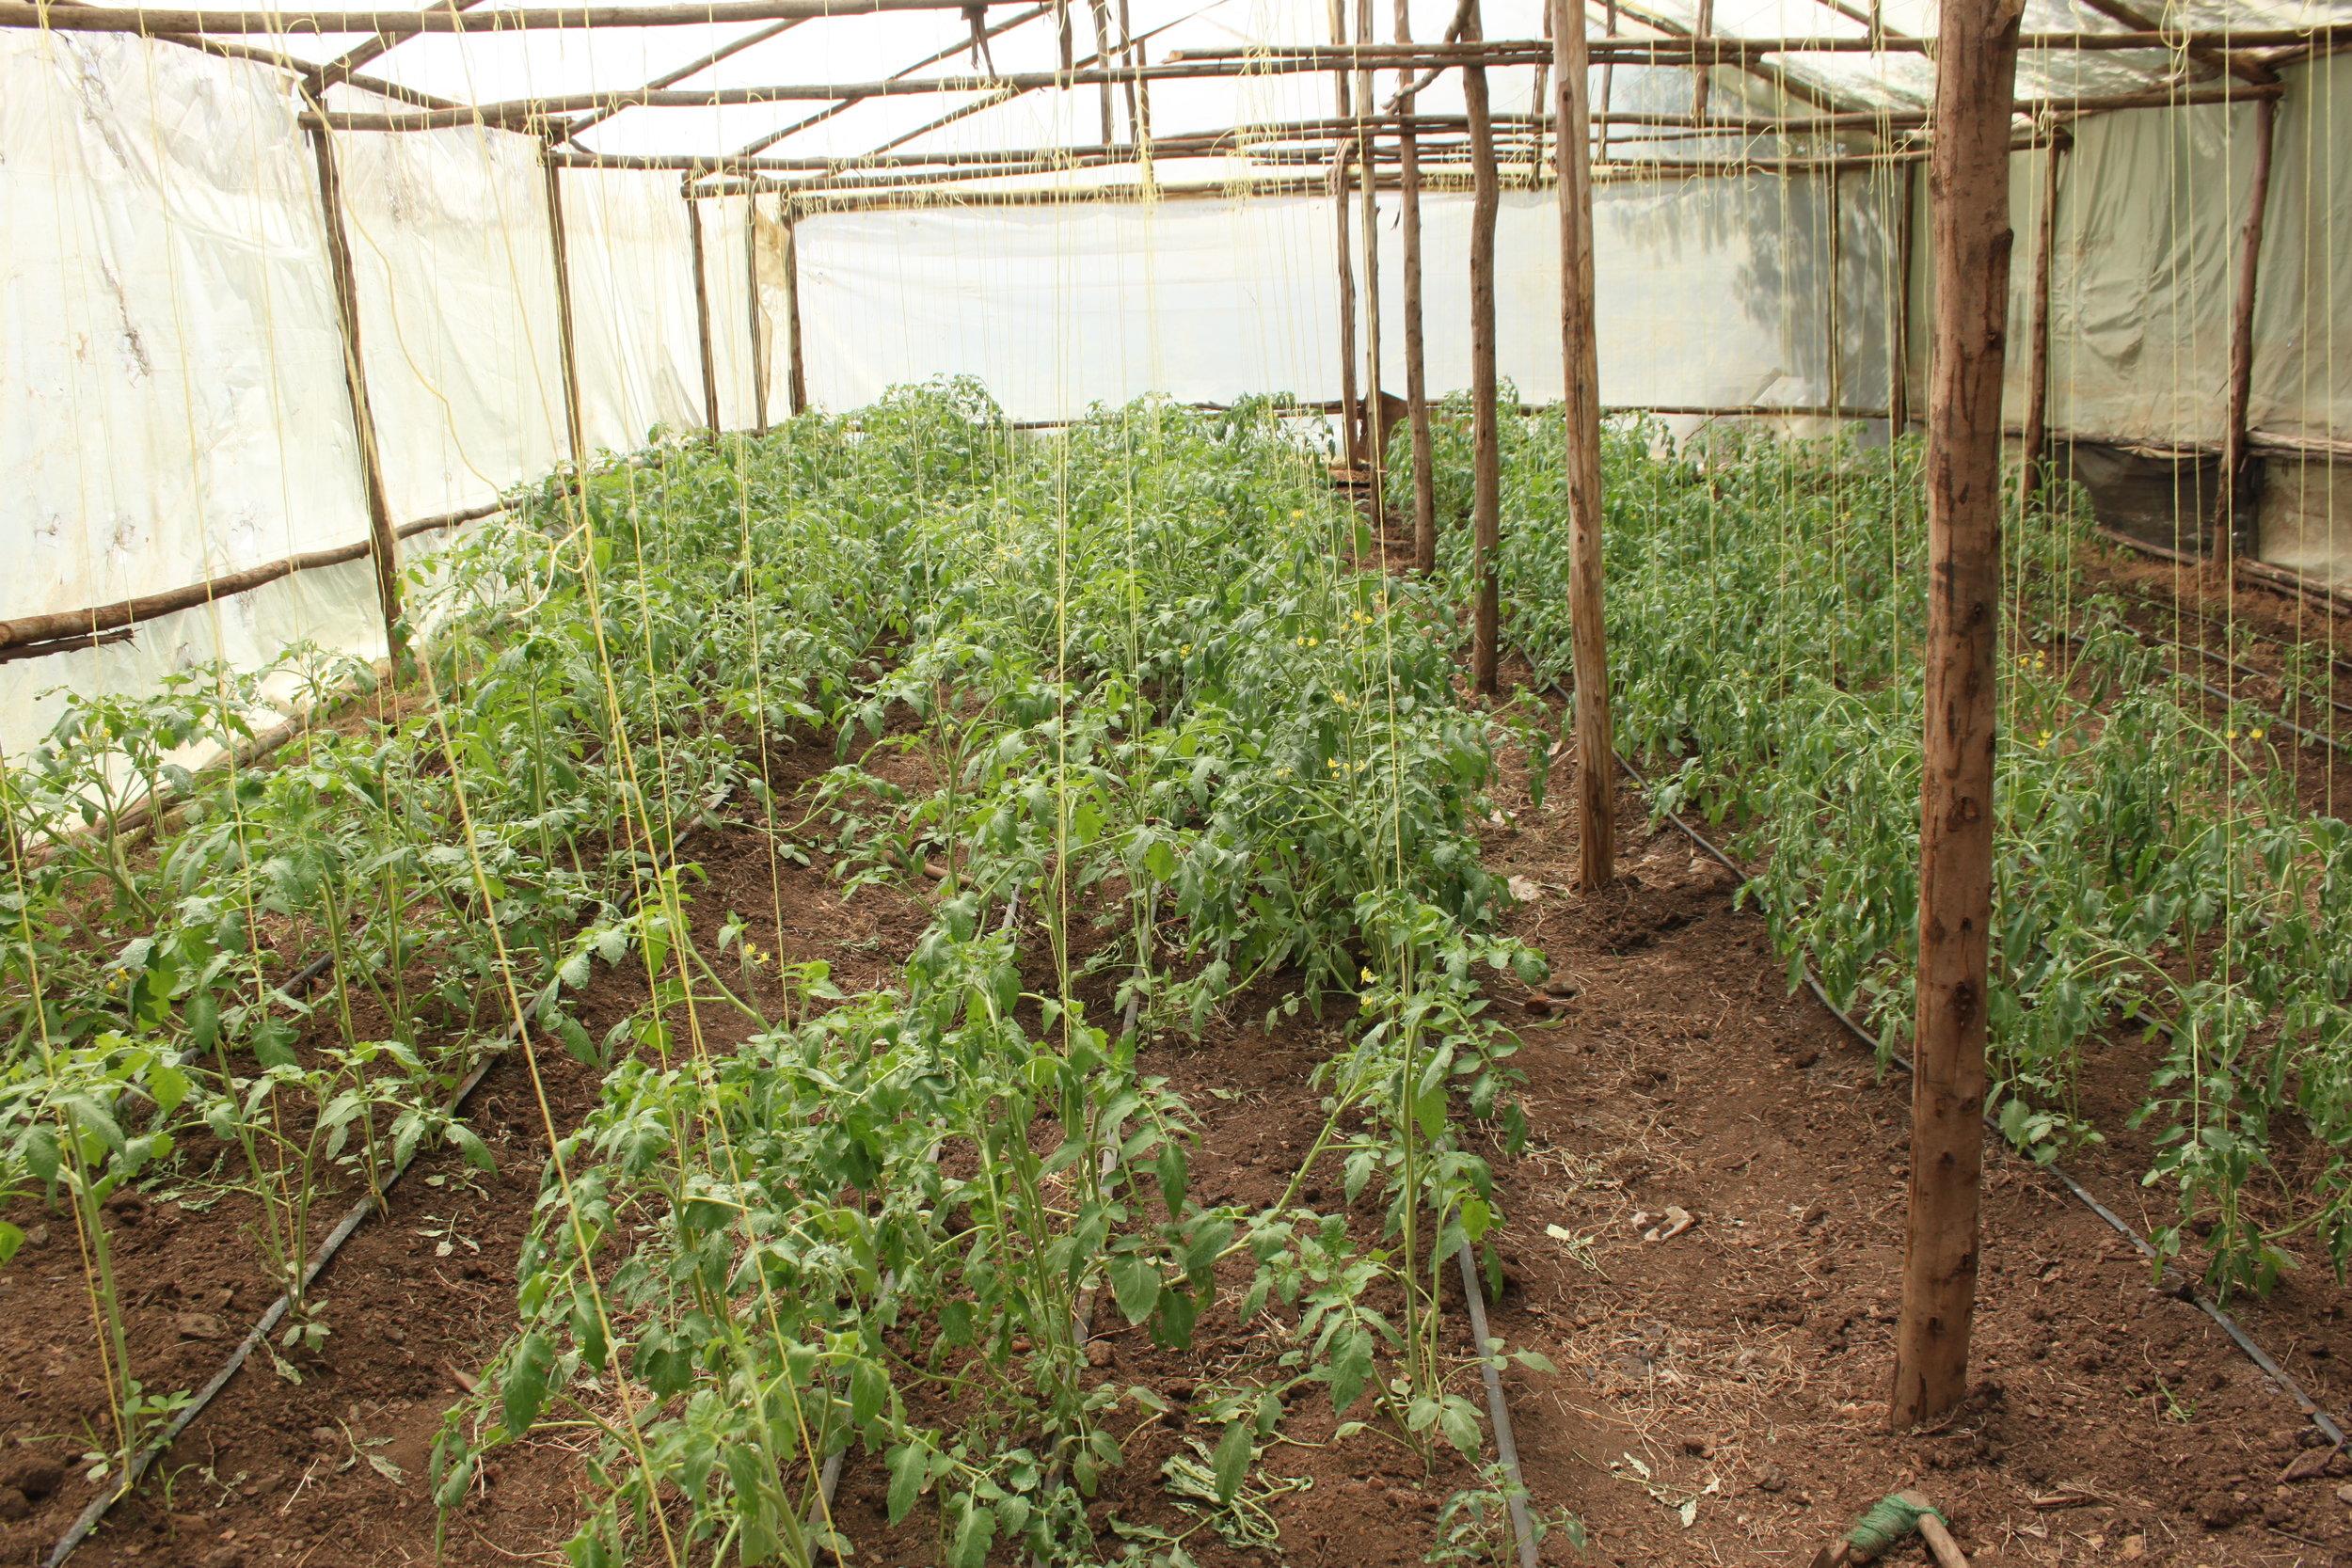 Tomato plants in the greenhouse at Kinda Biye